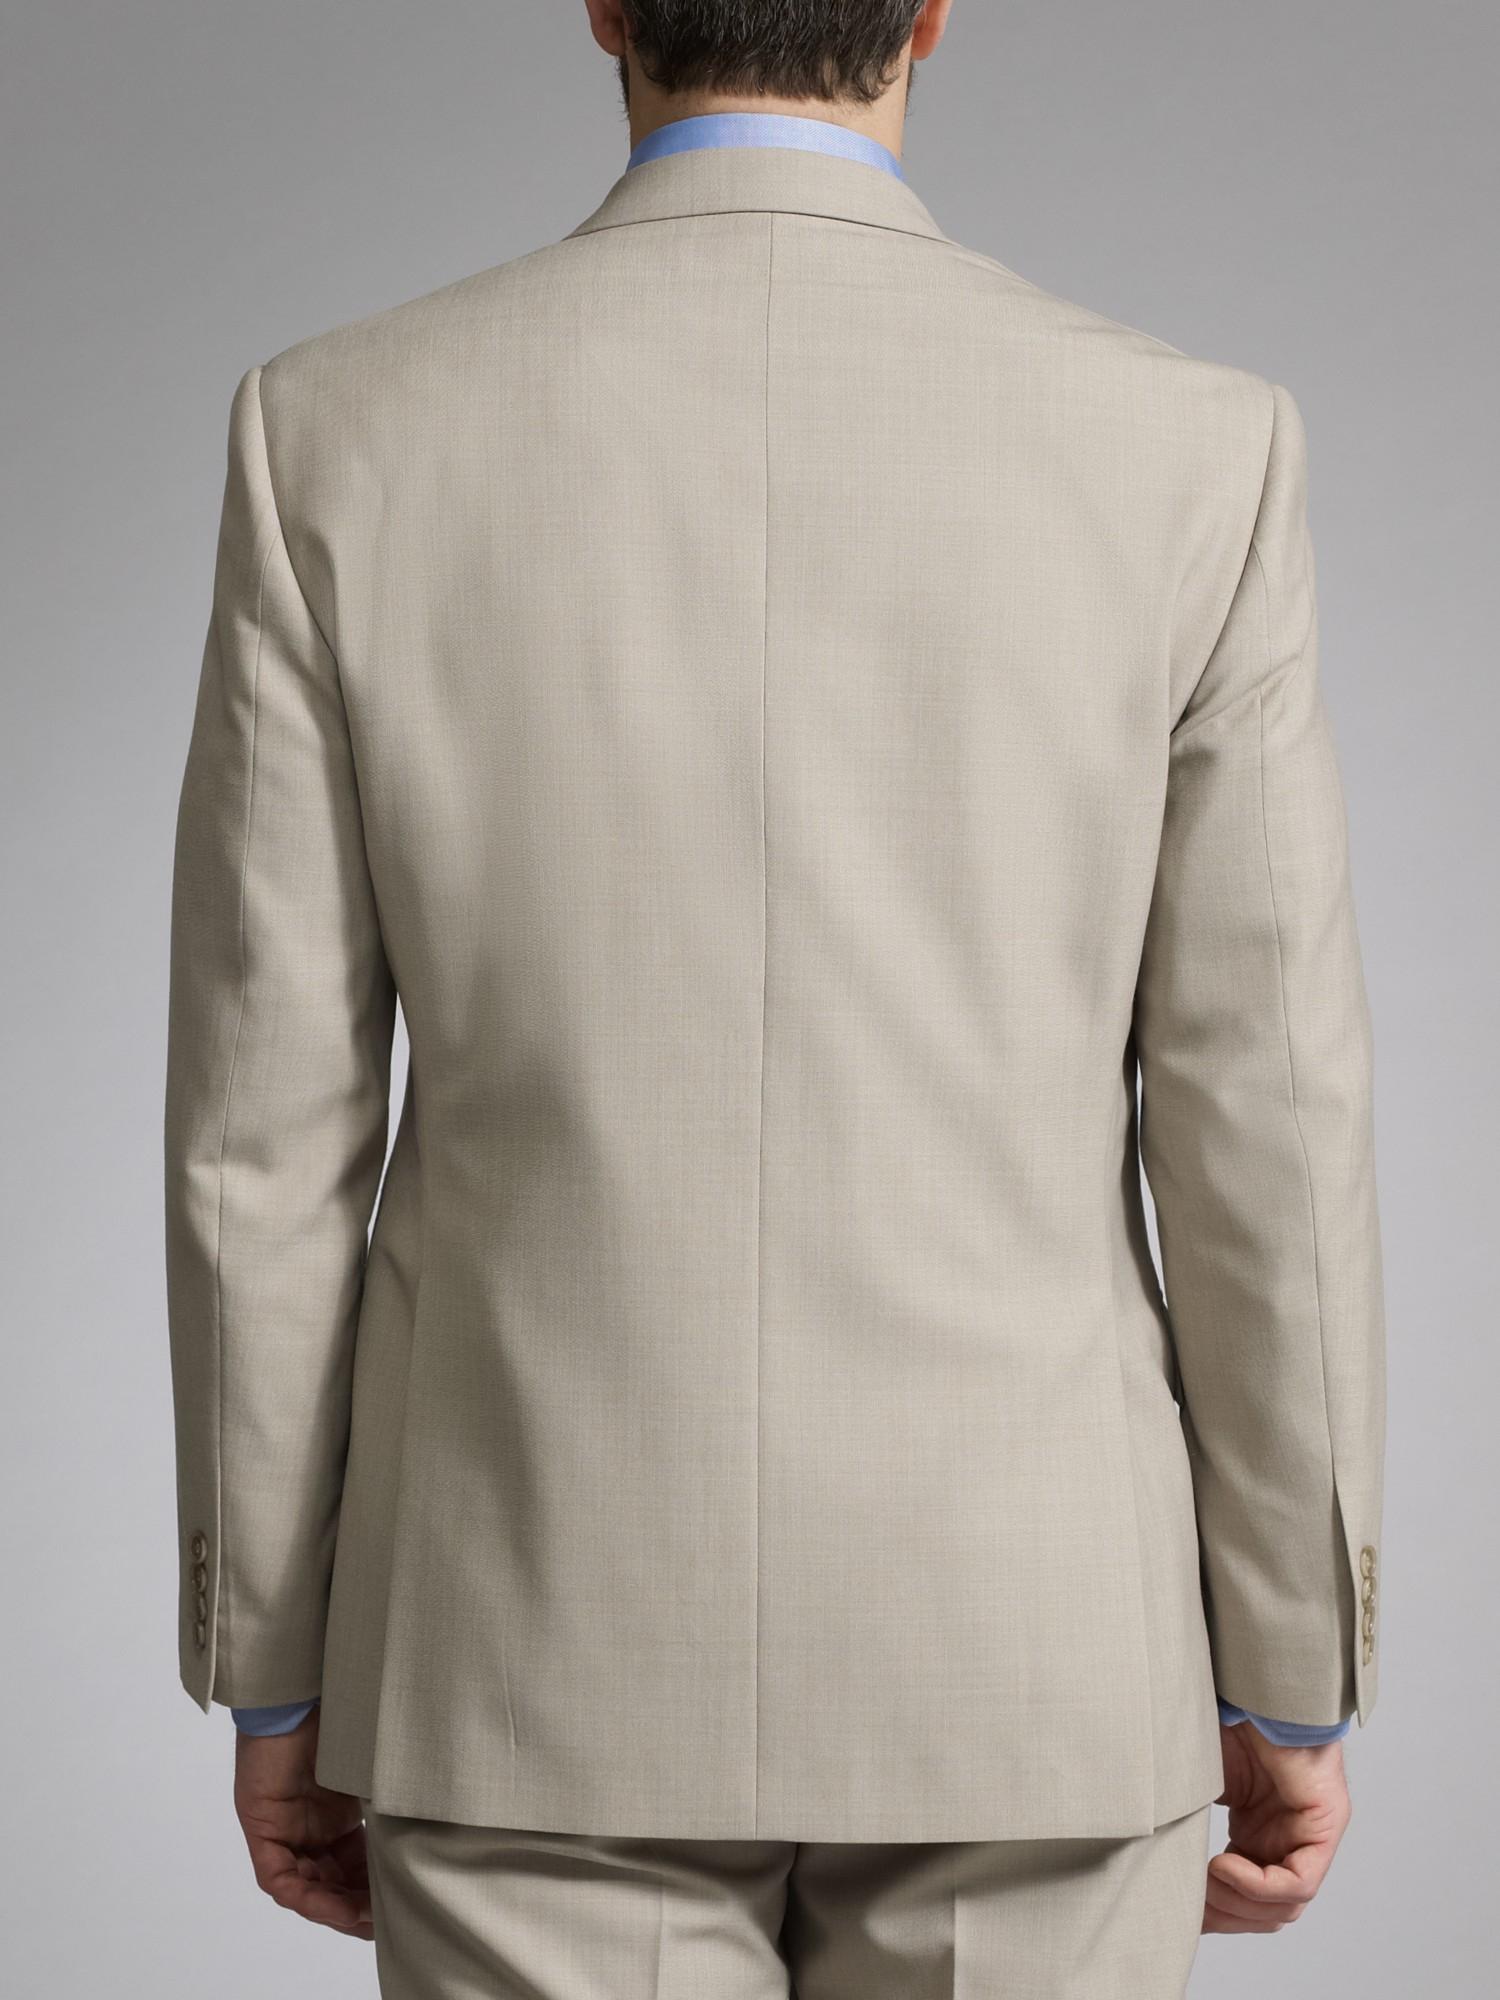 John Lewis Washable Suit Jacket in Natural for Men